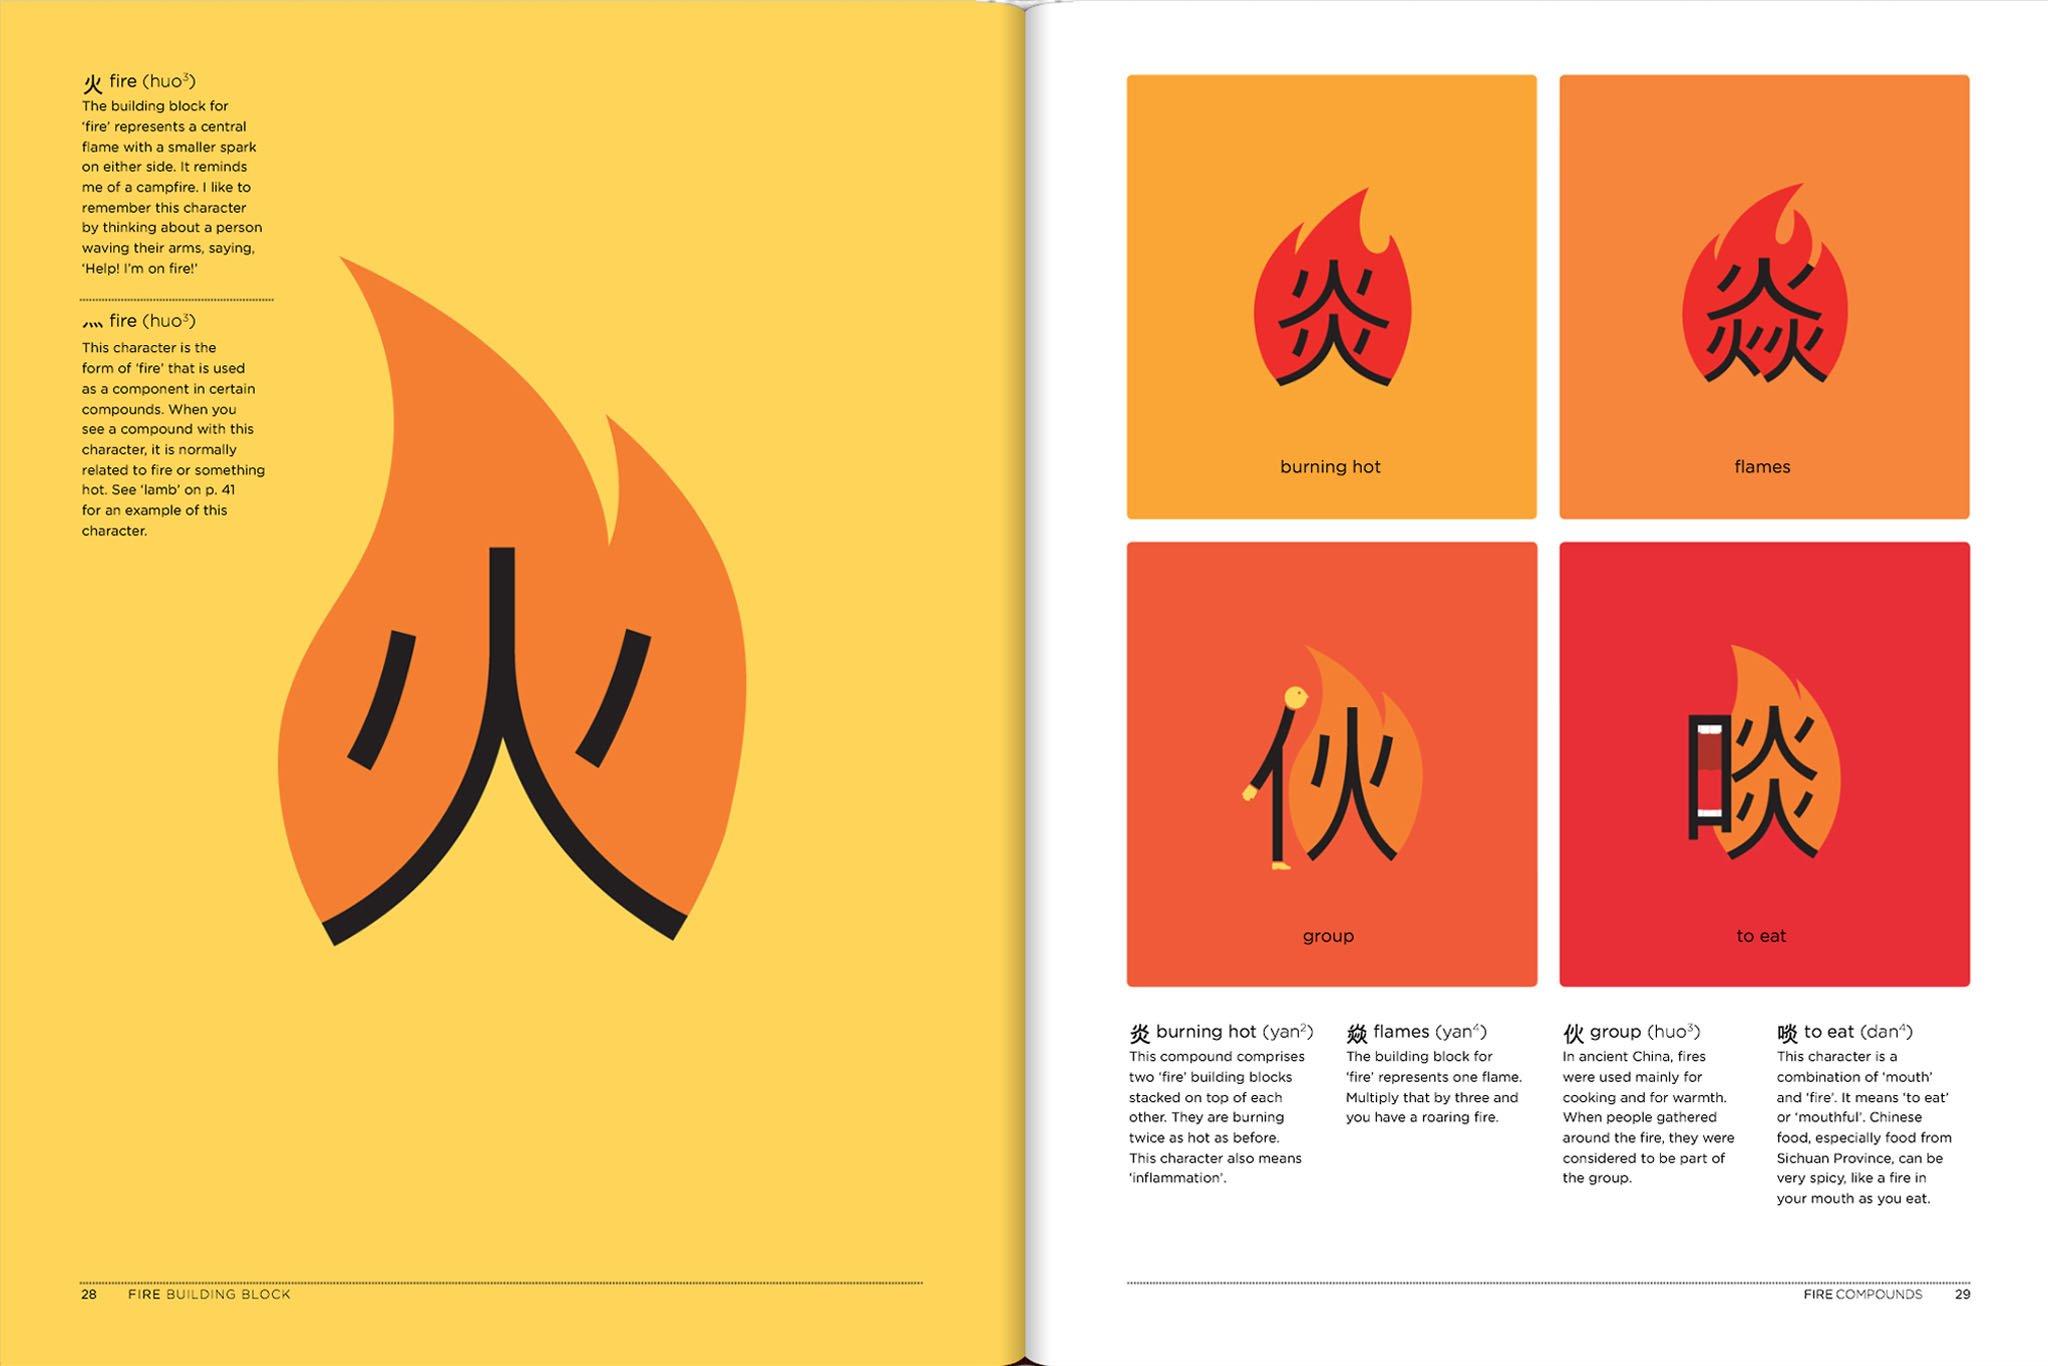 Woordenboek Chineasy